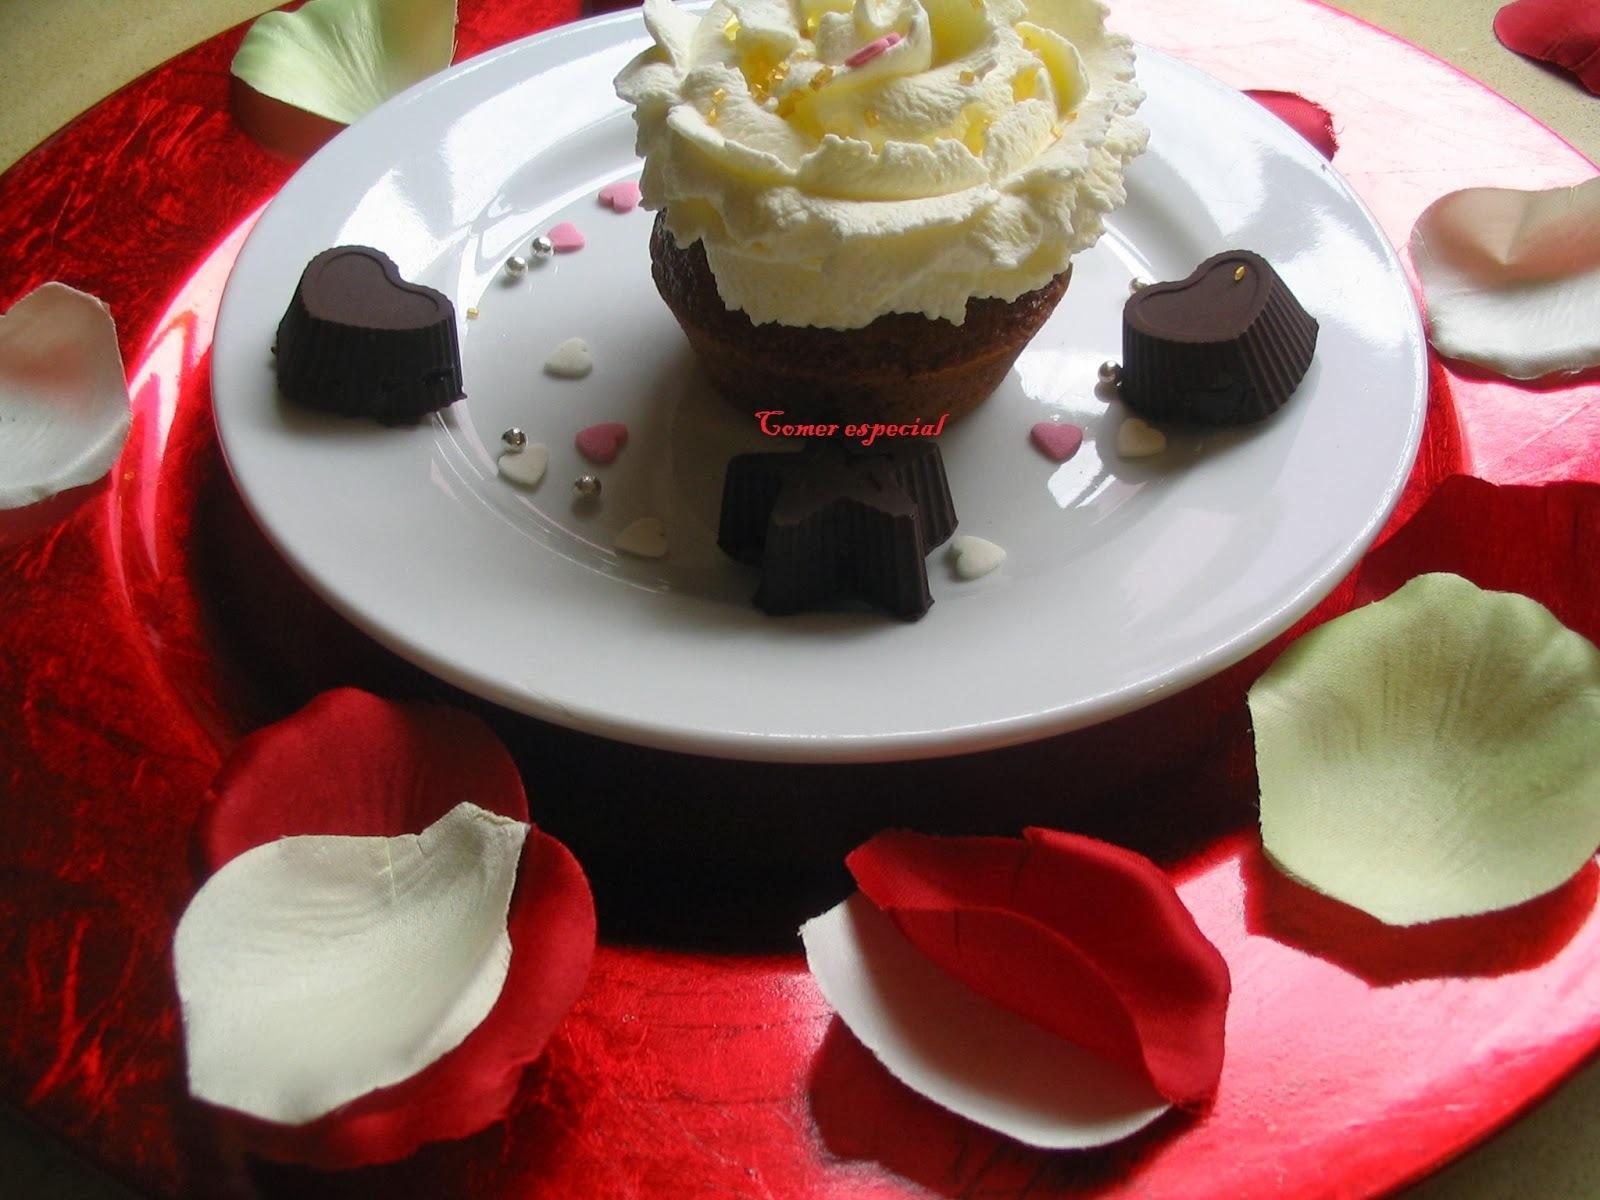 Cupcakes de chocolate y menta sin lactosa